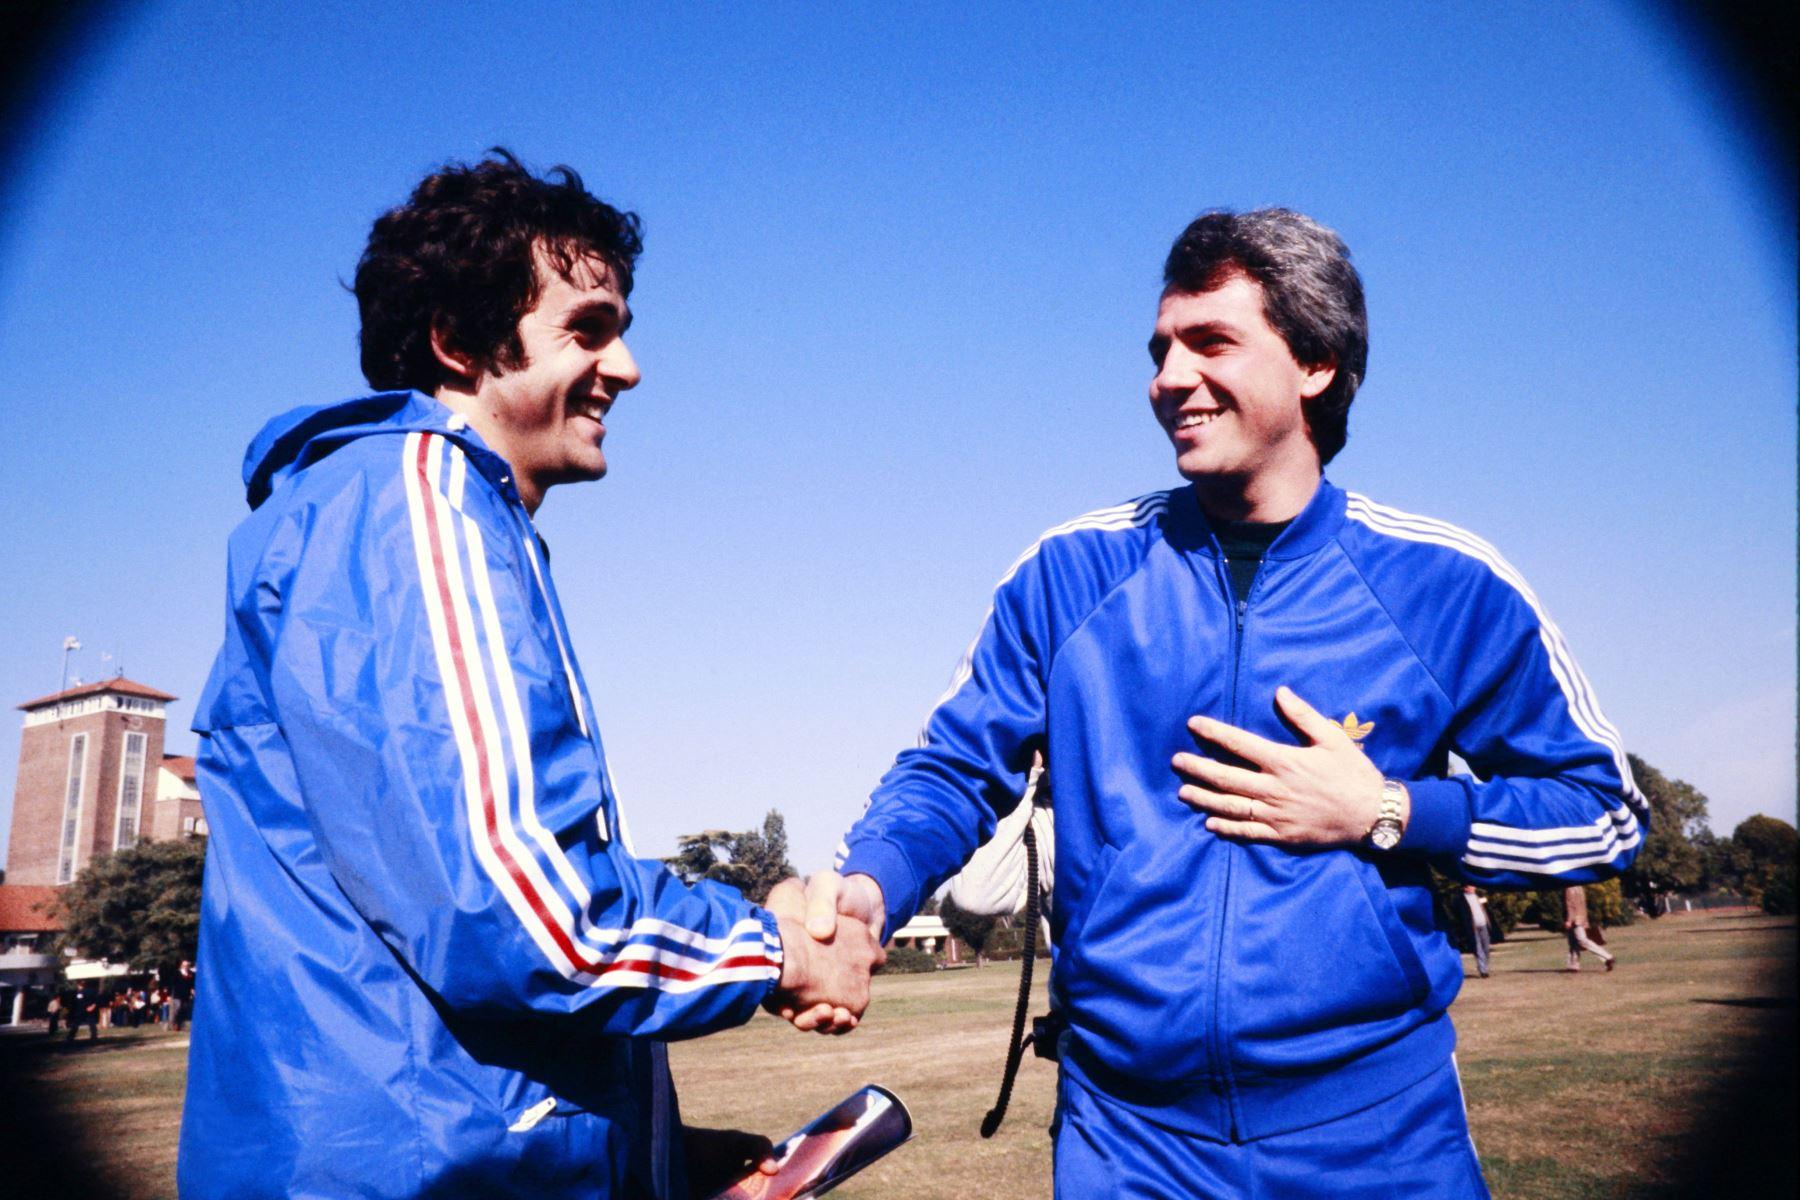 El centrocampista francés Michel Platini le da la mano al delantero italiano Paolo Rossi .Antes de la Copa del Mundo de 1978 en Argentina, en junio de 1978. Foto: AFP